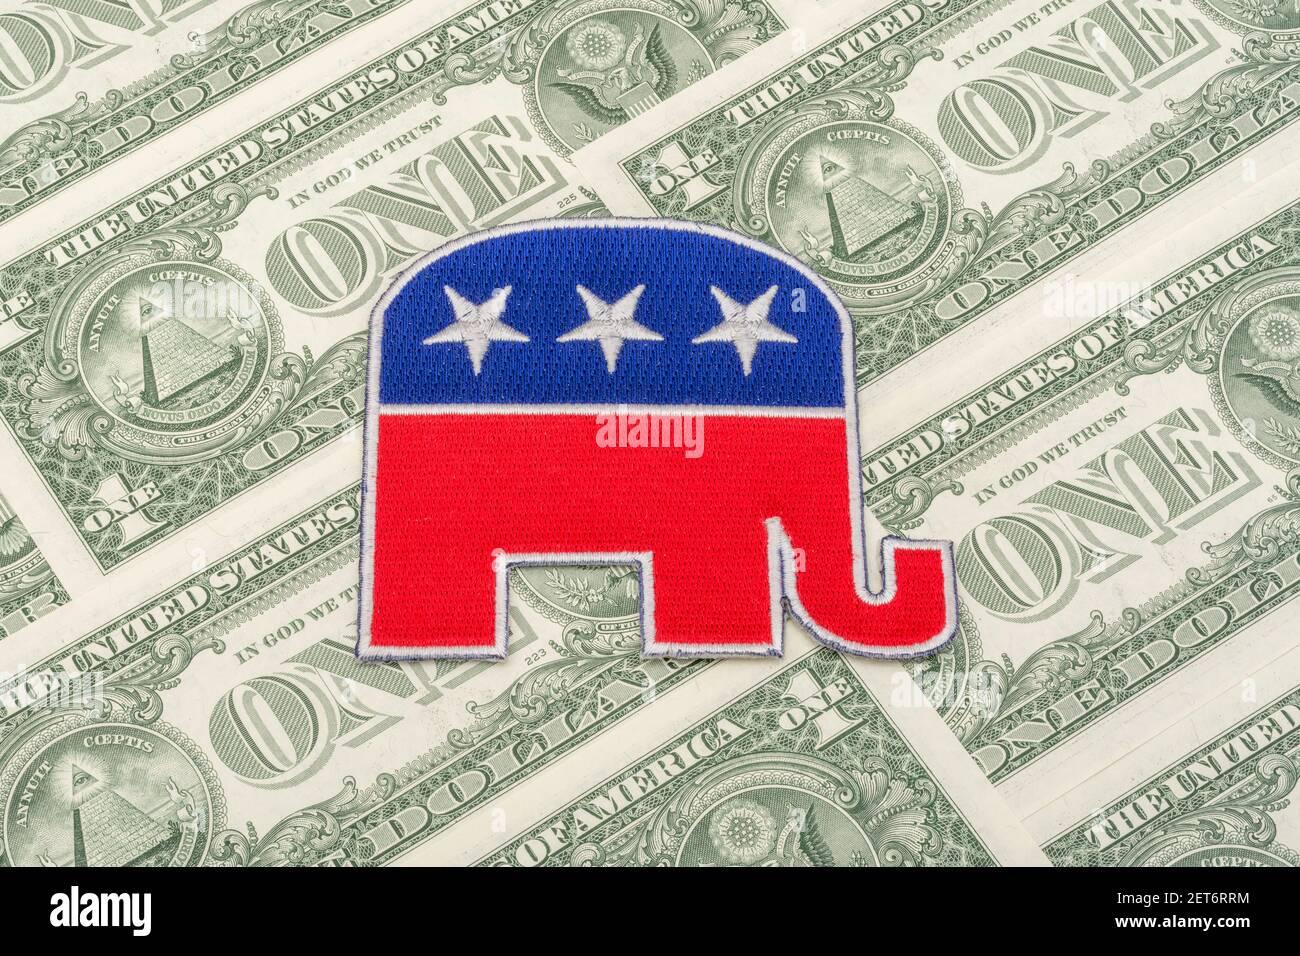 Insignia de parche con el logotipo del elefante republicano GOP con billetes de 1 dólar de los EE.UU. Para fondos de campaña republicanos y fondos de recaudación de fondos políticos de Estados Unidos, pequeños donantes de dólares. Foto de stock